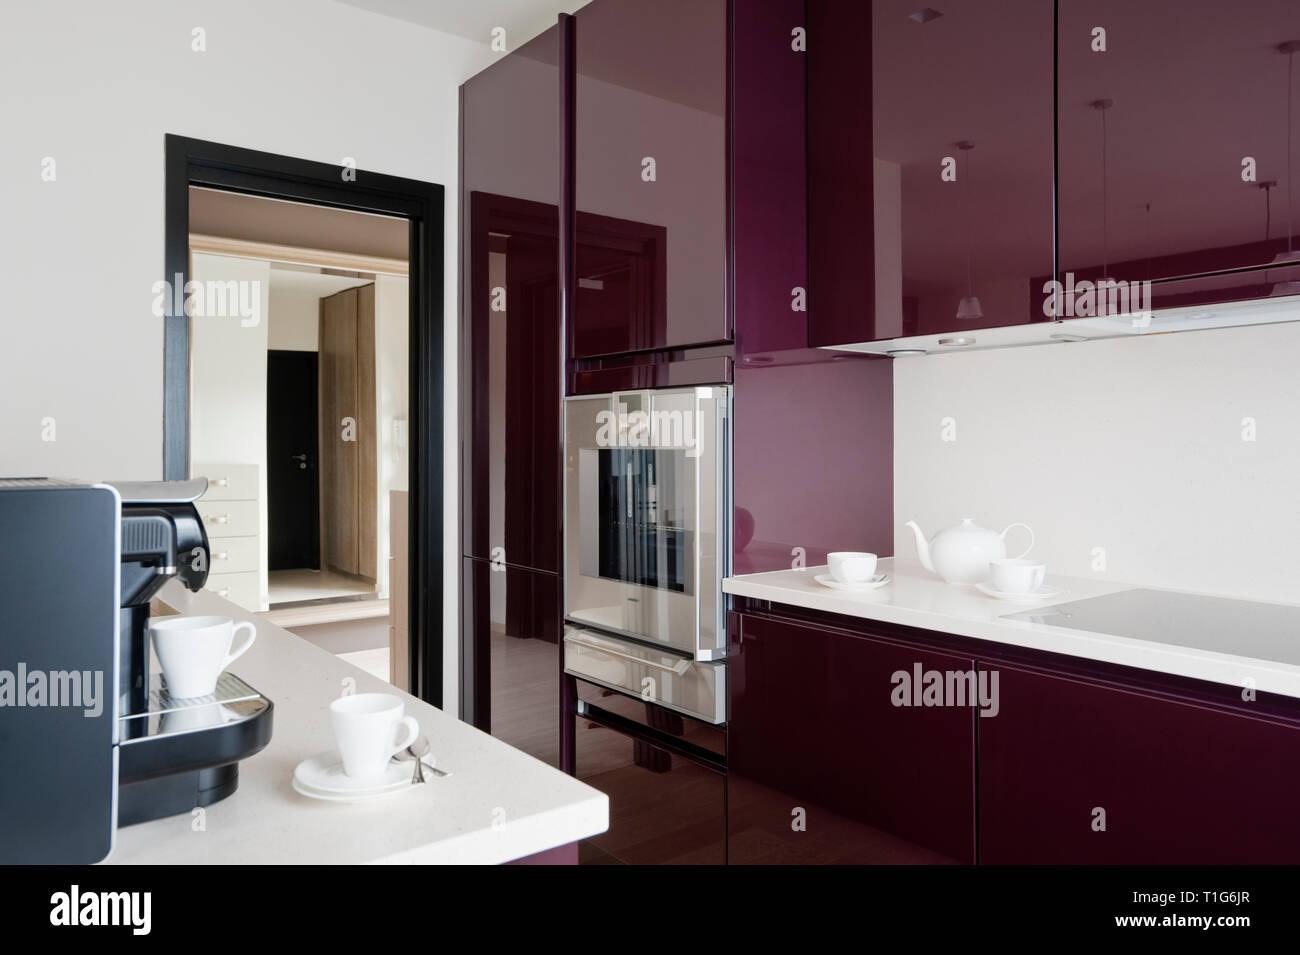 Cuisine Blanc Gris Violet cuisine moderne blanc et violet banque d'images, photo stock